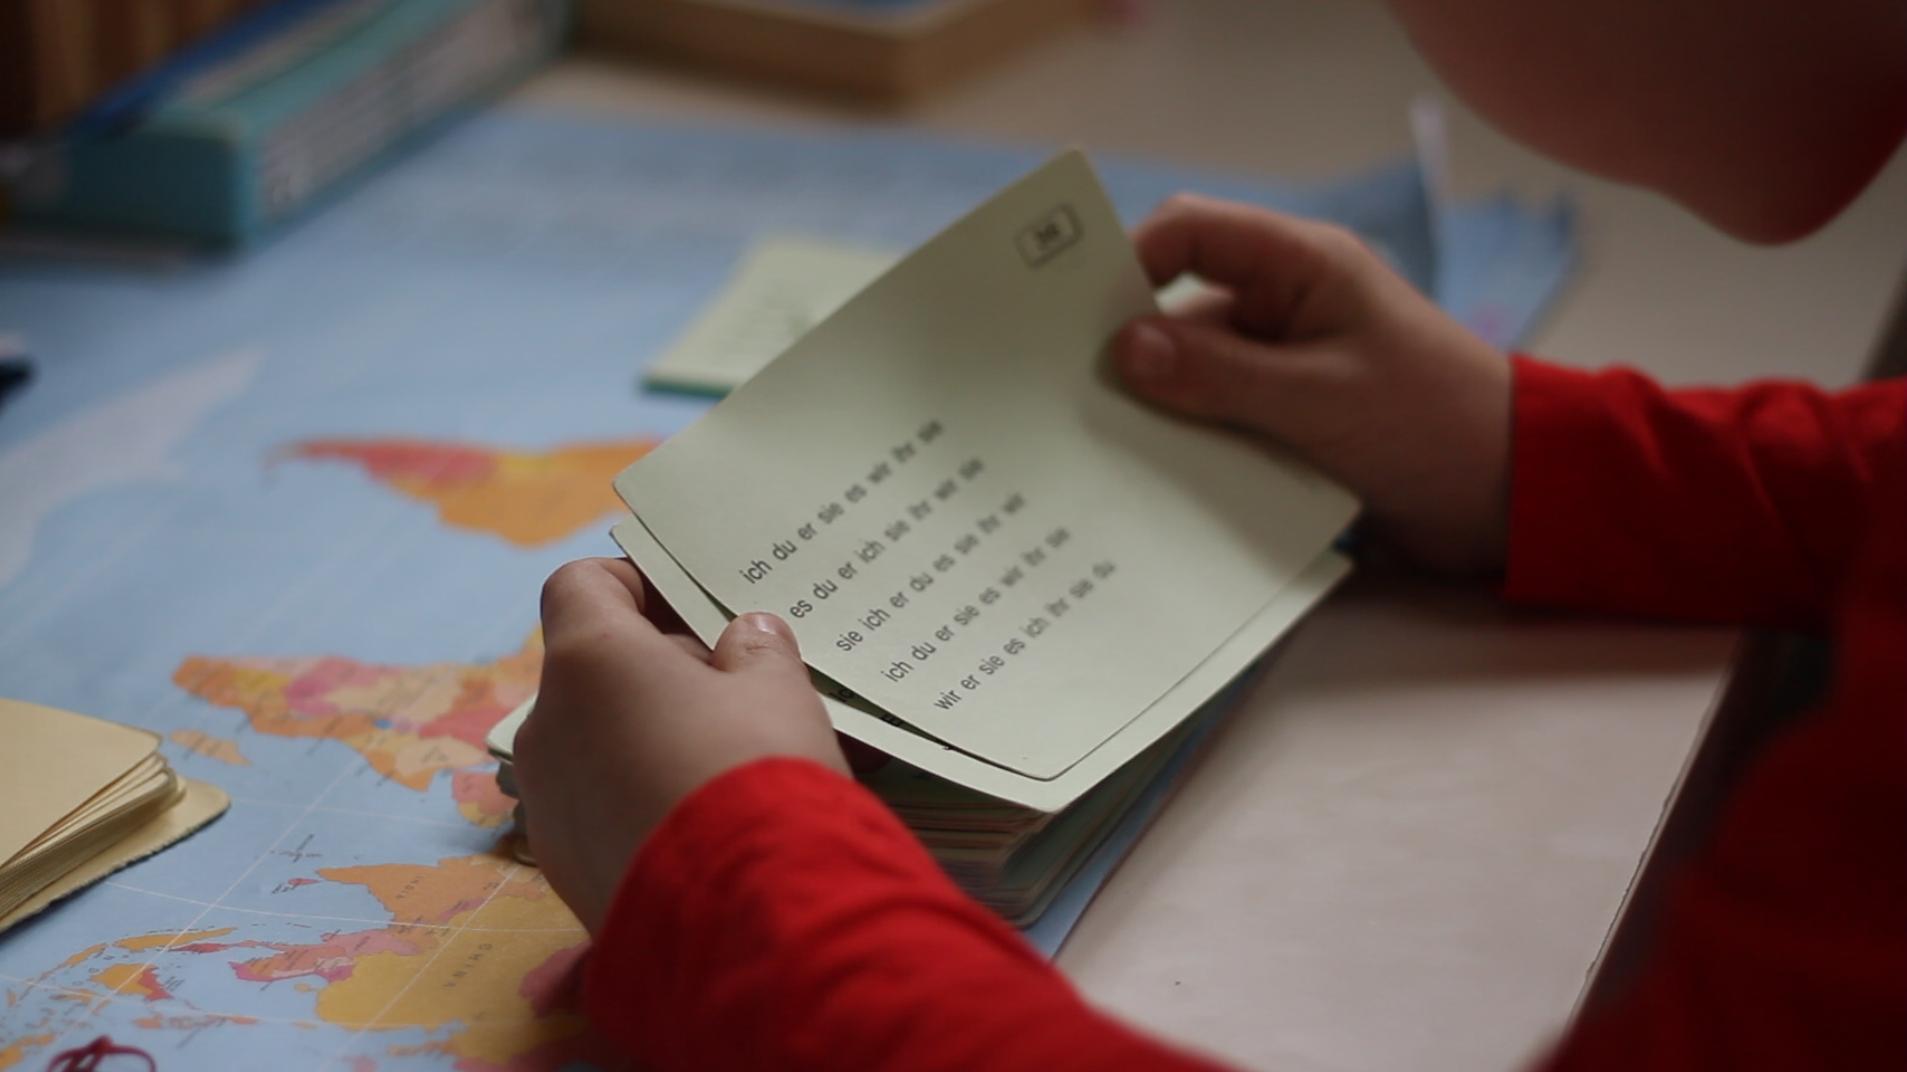 Robert bei der Lerntherapie. Er hält einen Zettel in der Hand, auf dem die Personalpronomen zu lesen sind.